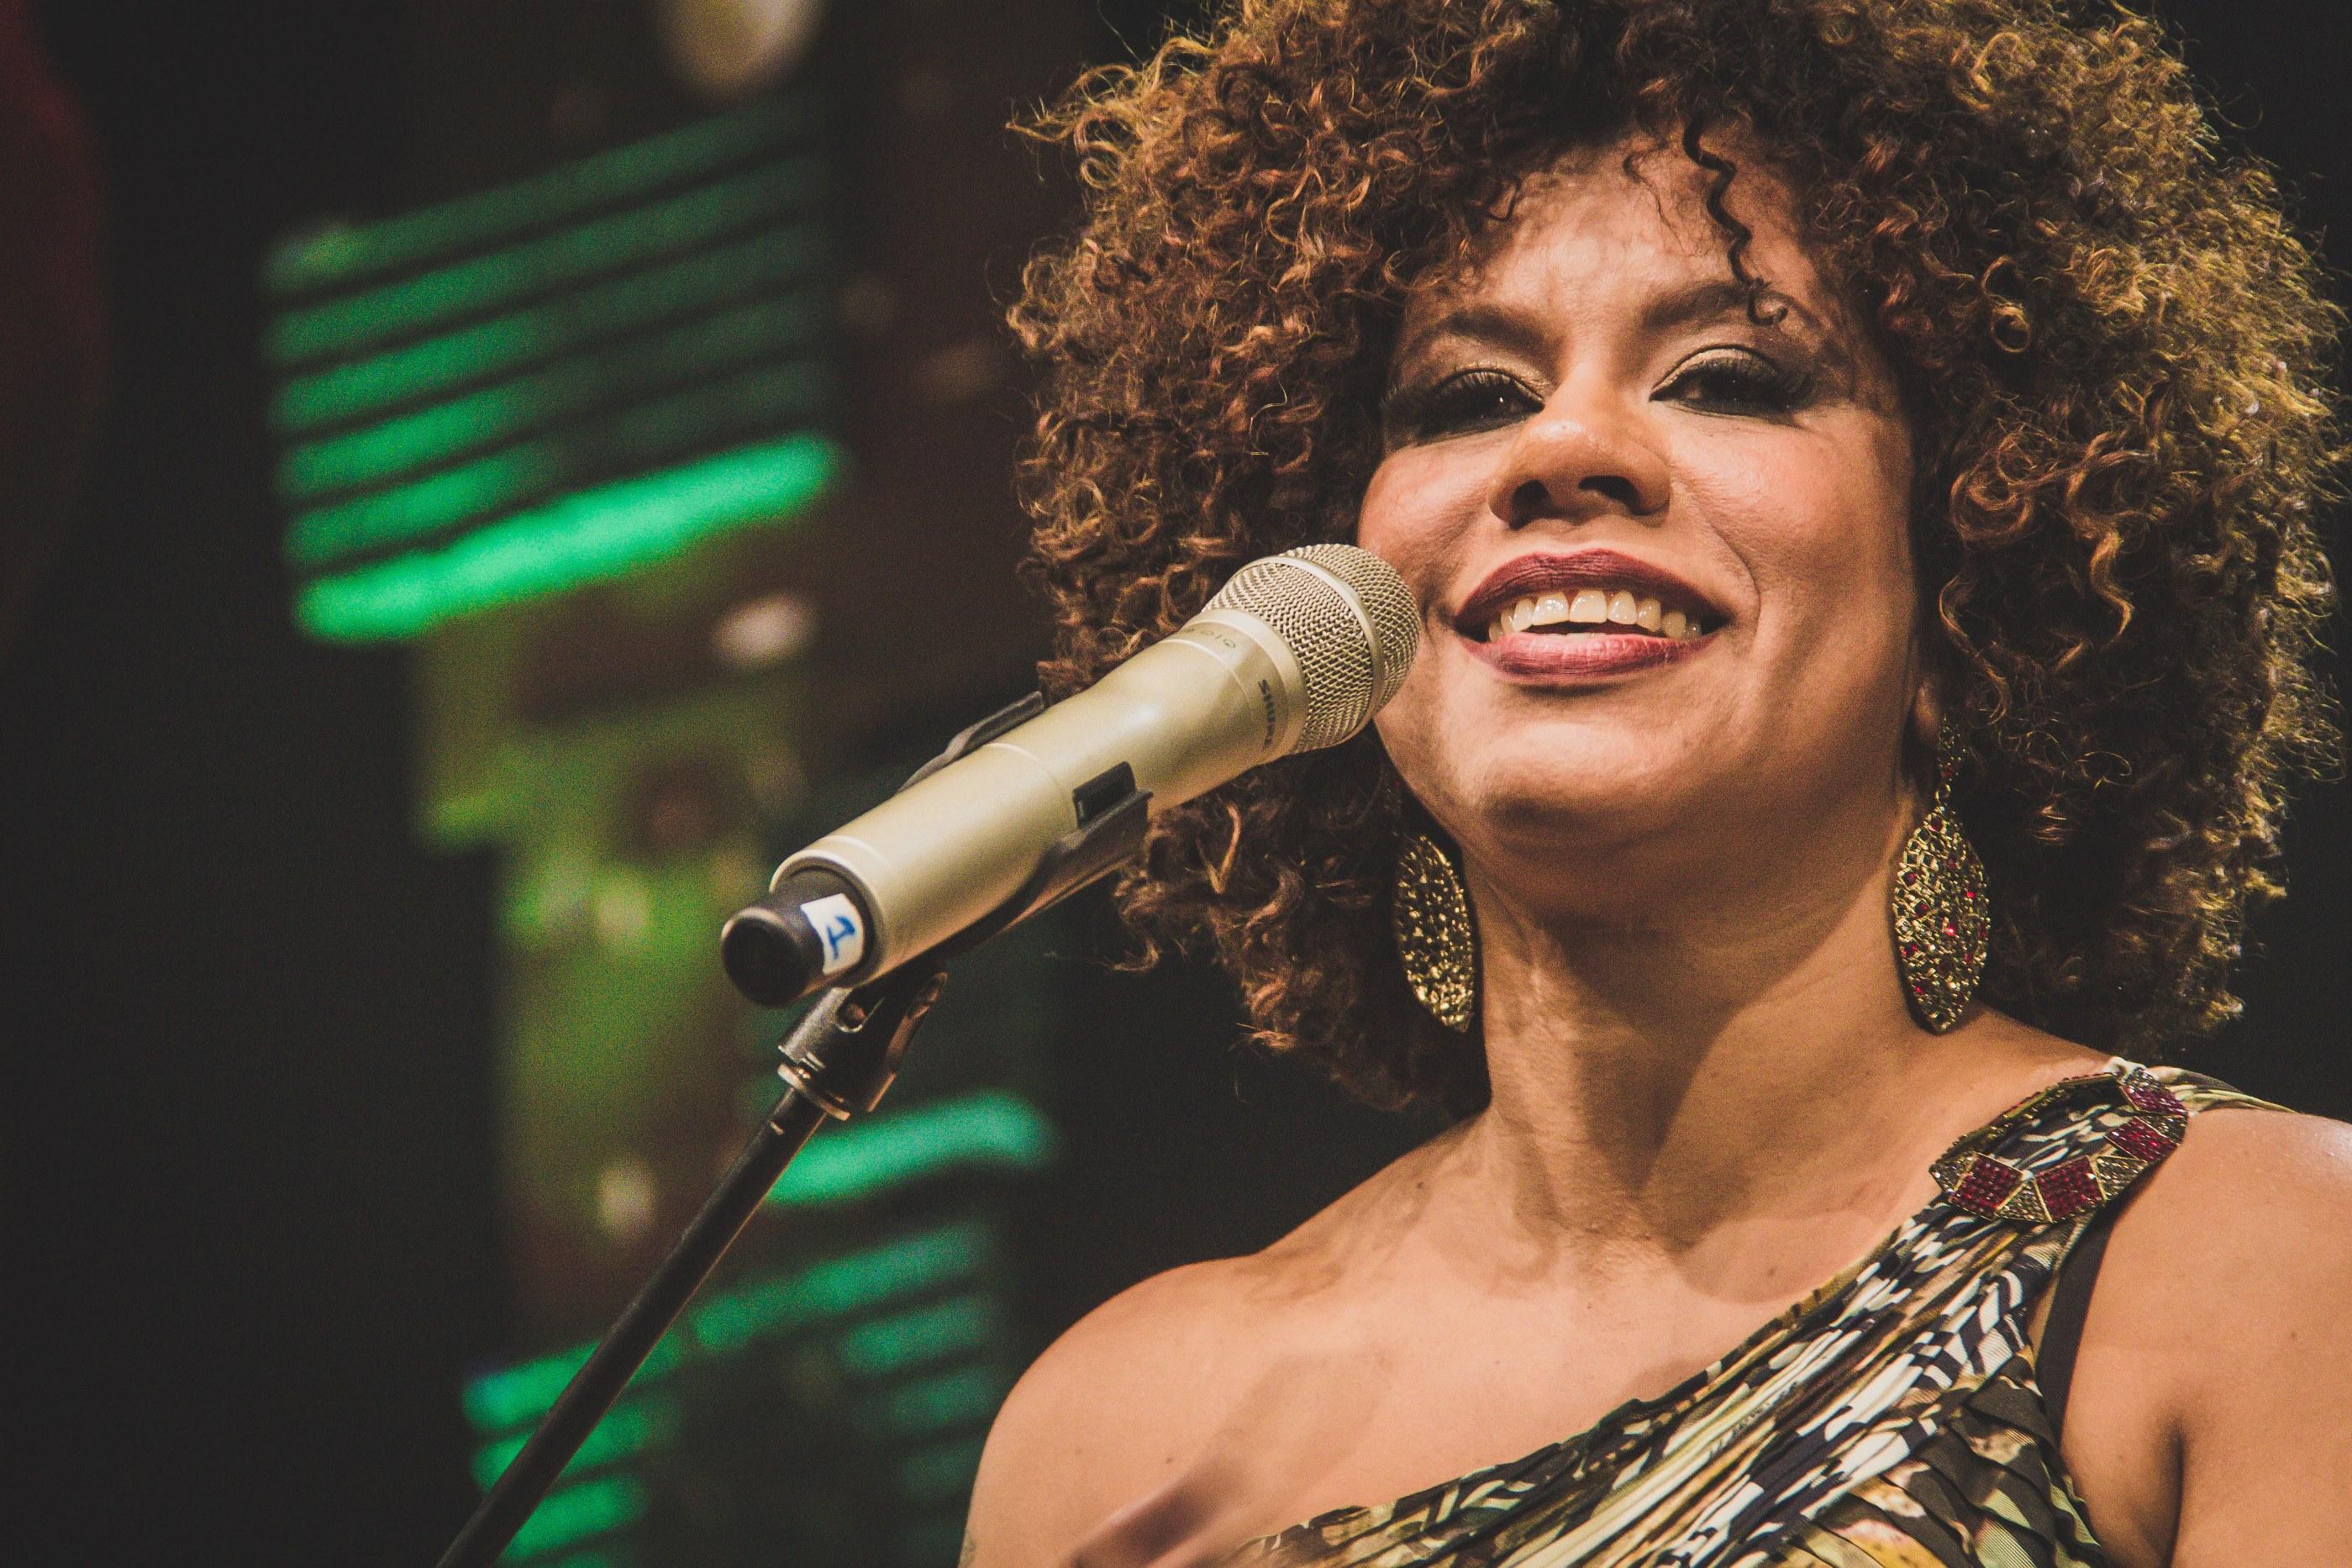 Ana Costa no palco, sorrindo